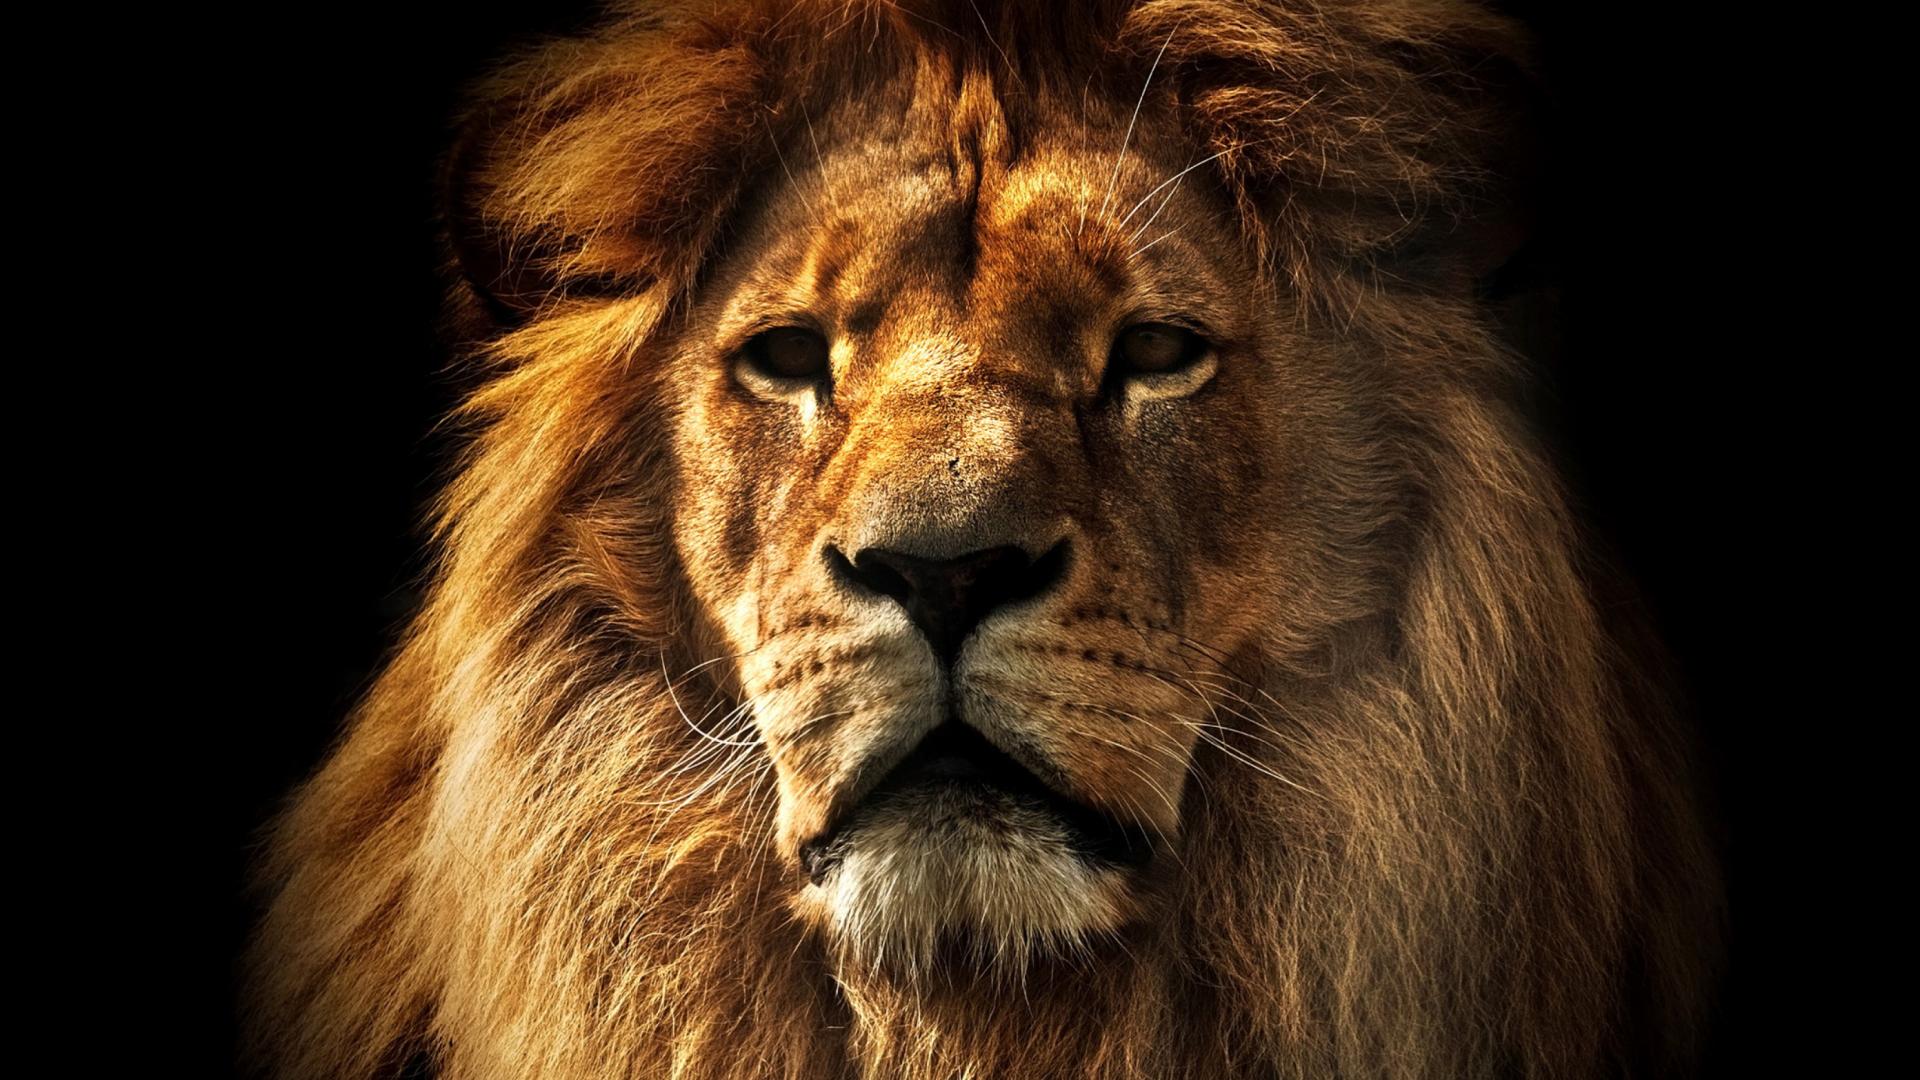 Breitling Logo Wallpaper >> Lion Wallpaper for 1920x1080